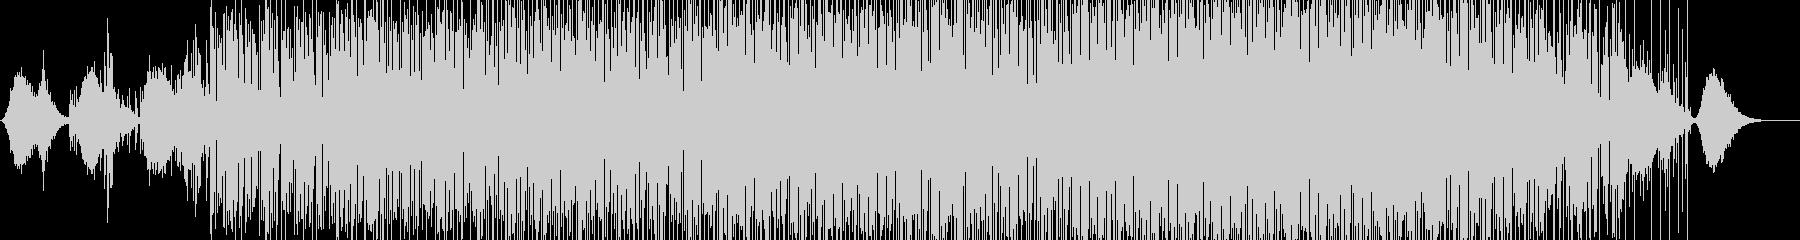 ラウンジ、チルアウト。の未再生の波形